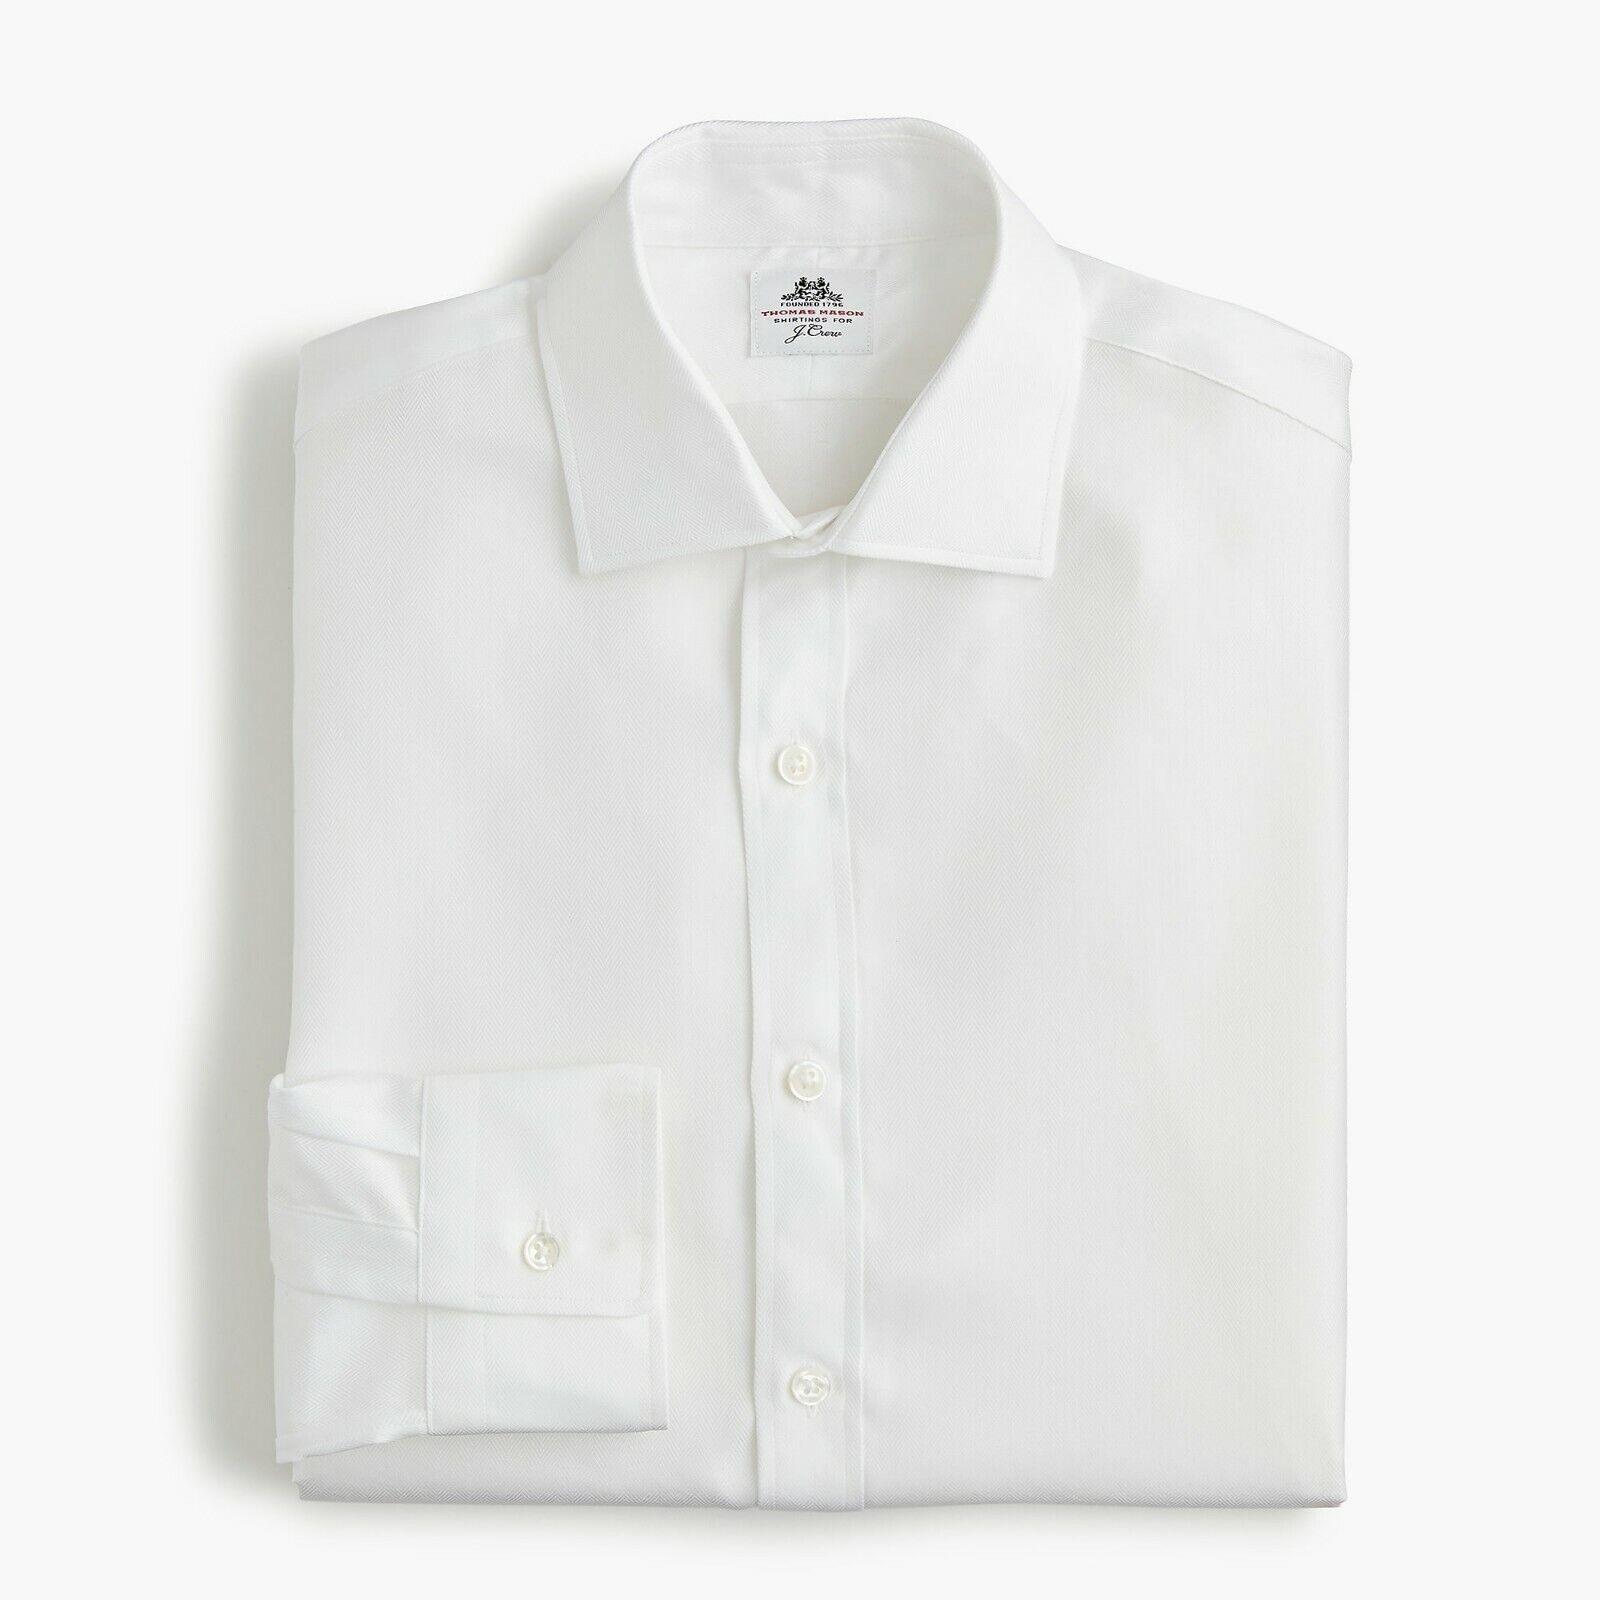 J. Crew Thomas Mason Mens Ludlow Slim Fit White Dress Shirt org  15.5 34 NWT